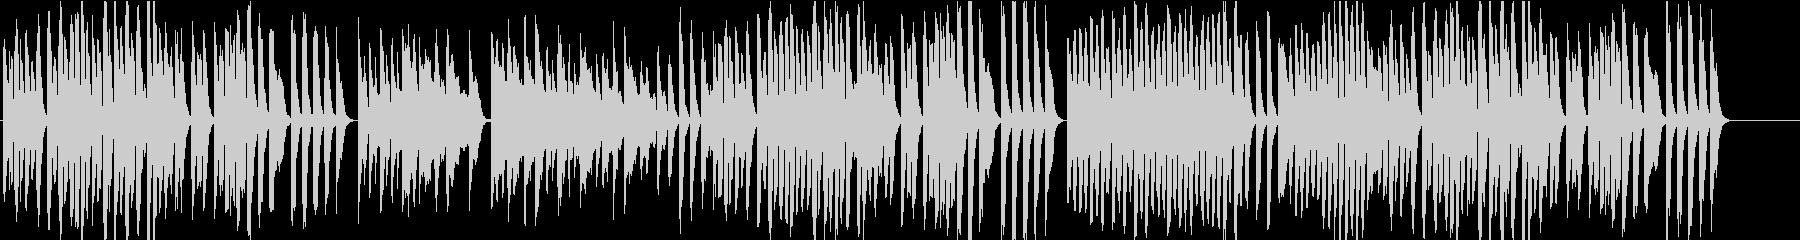 アプリや映像にかわいいオルゴール風ピアノの未再生の波形